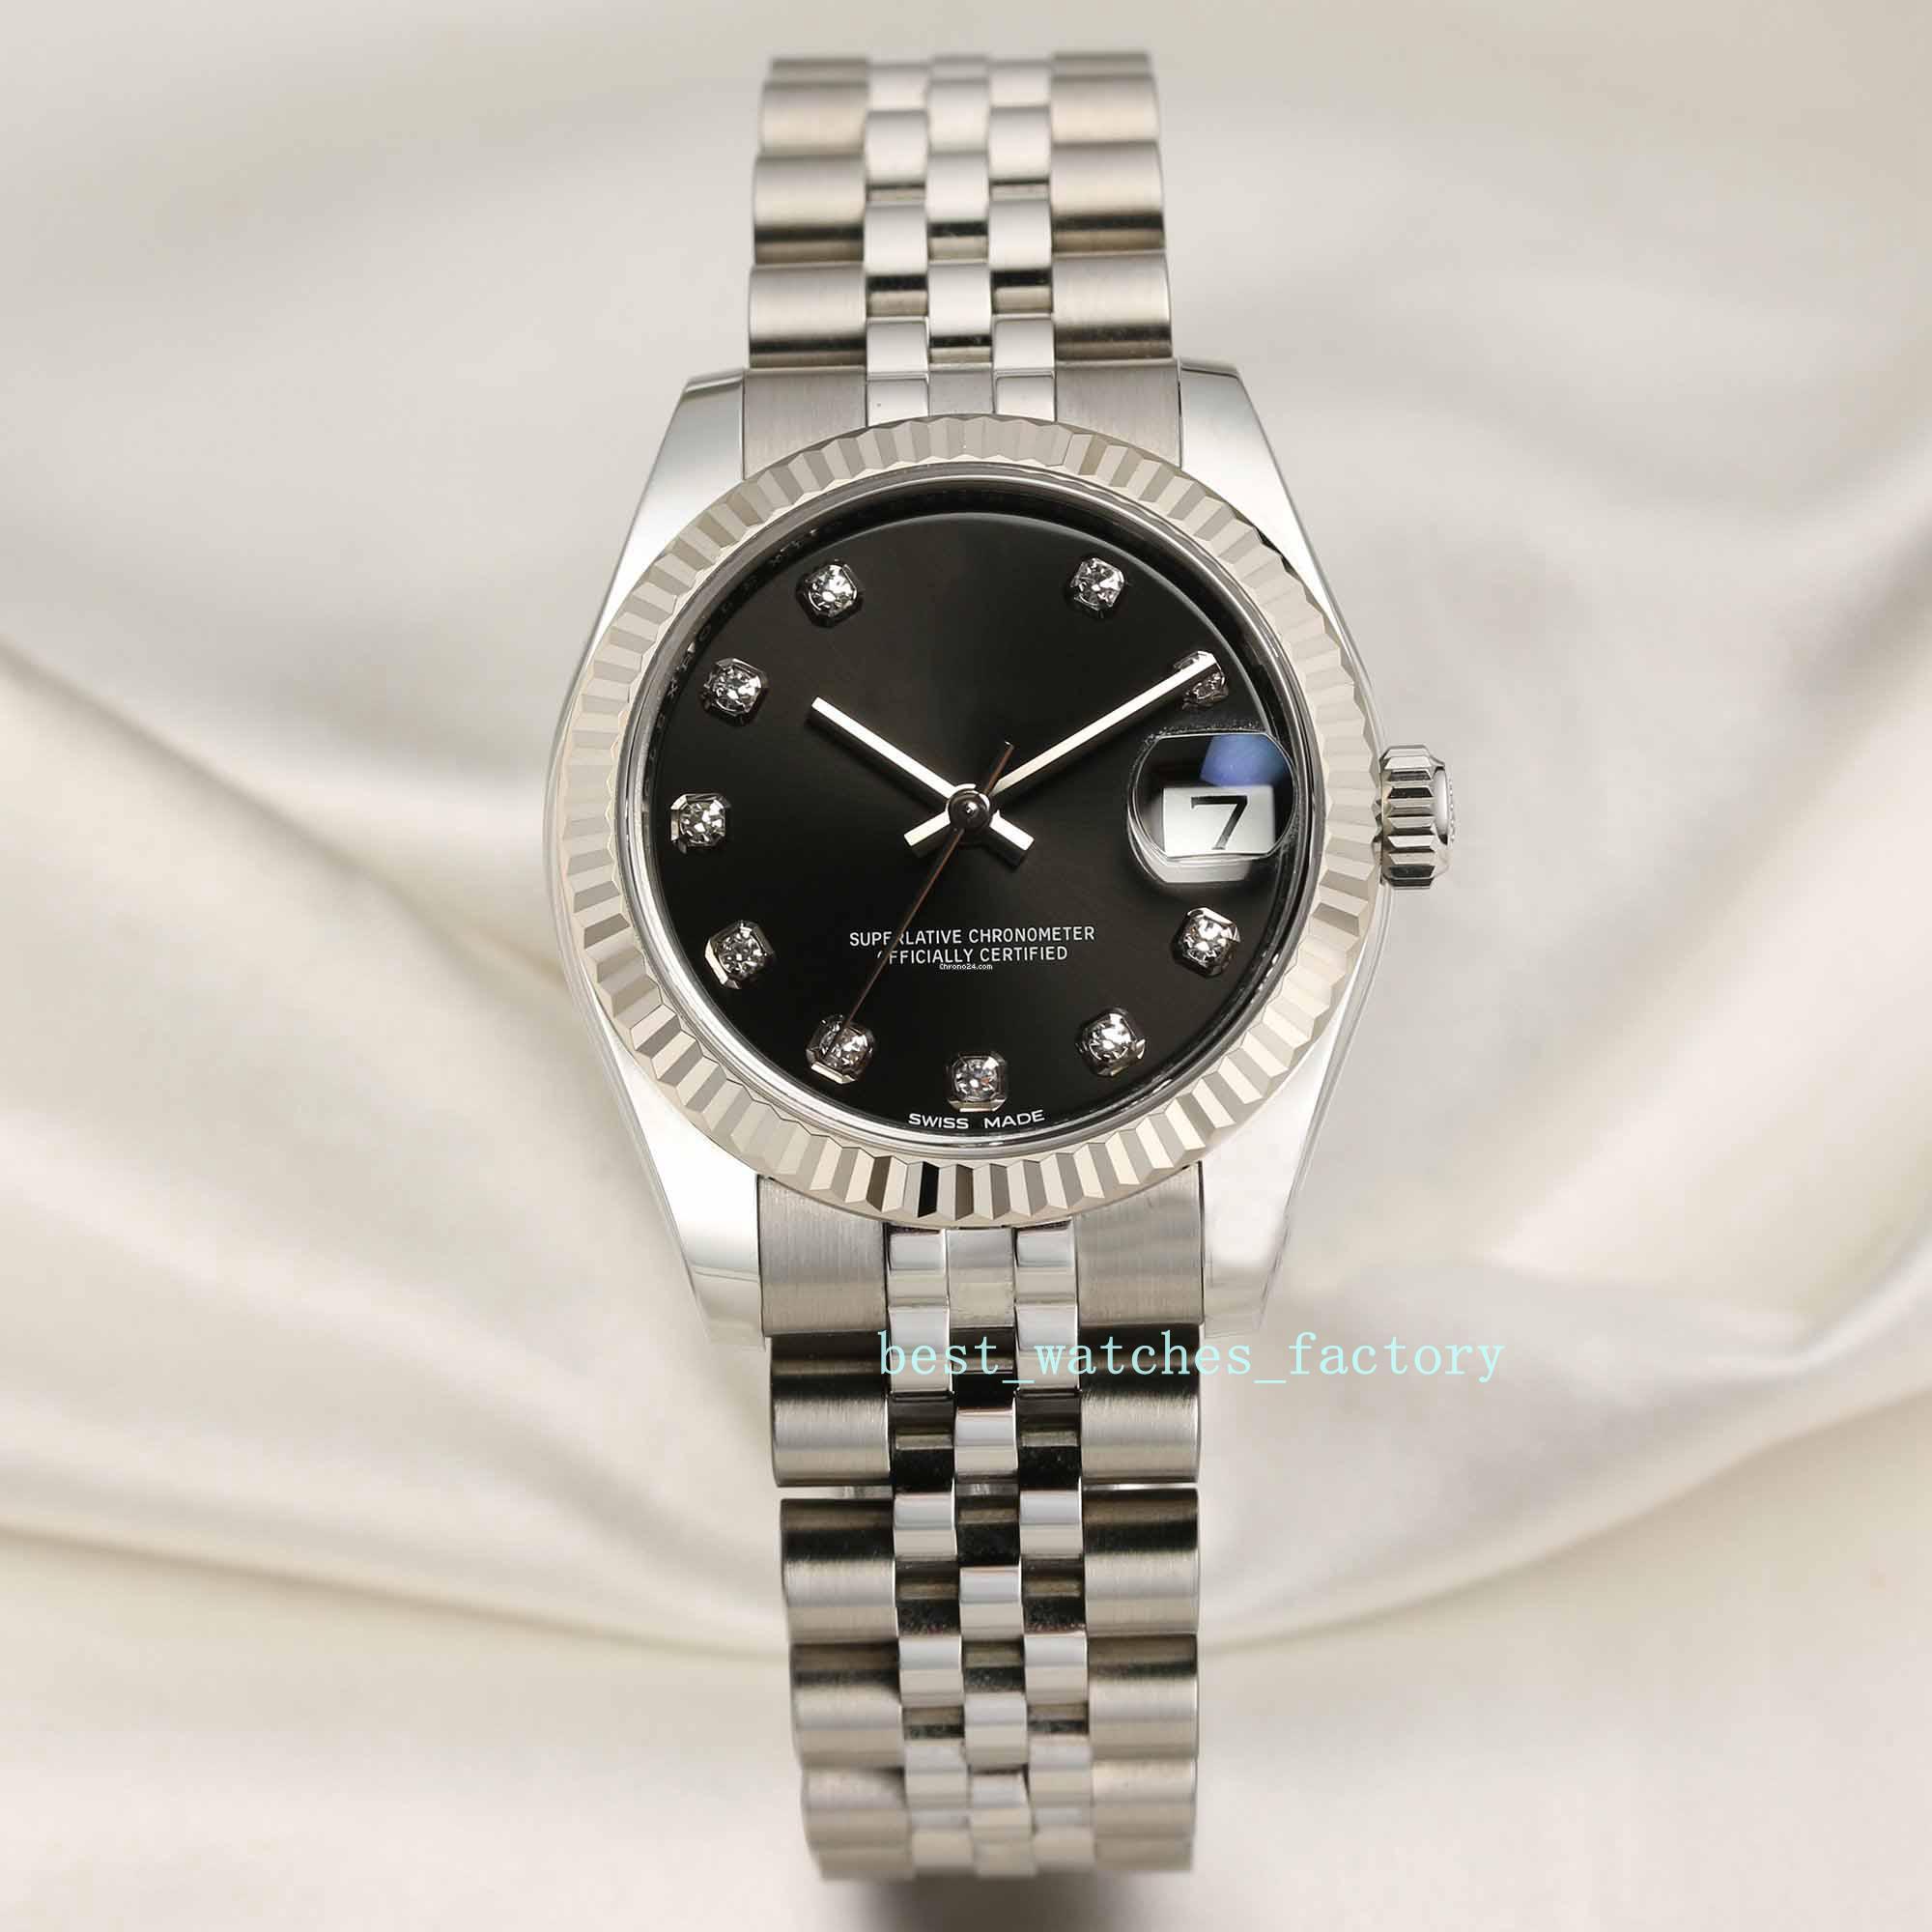 relógio feminino de alta qualidade Asian 2813 31 milímetros de aço anel de ouro branco dente rótulo diamante cara preta 178274 aço inoxidável Natal automática